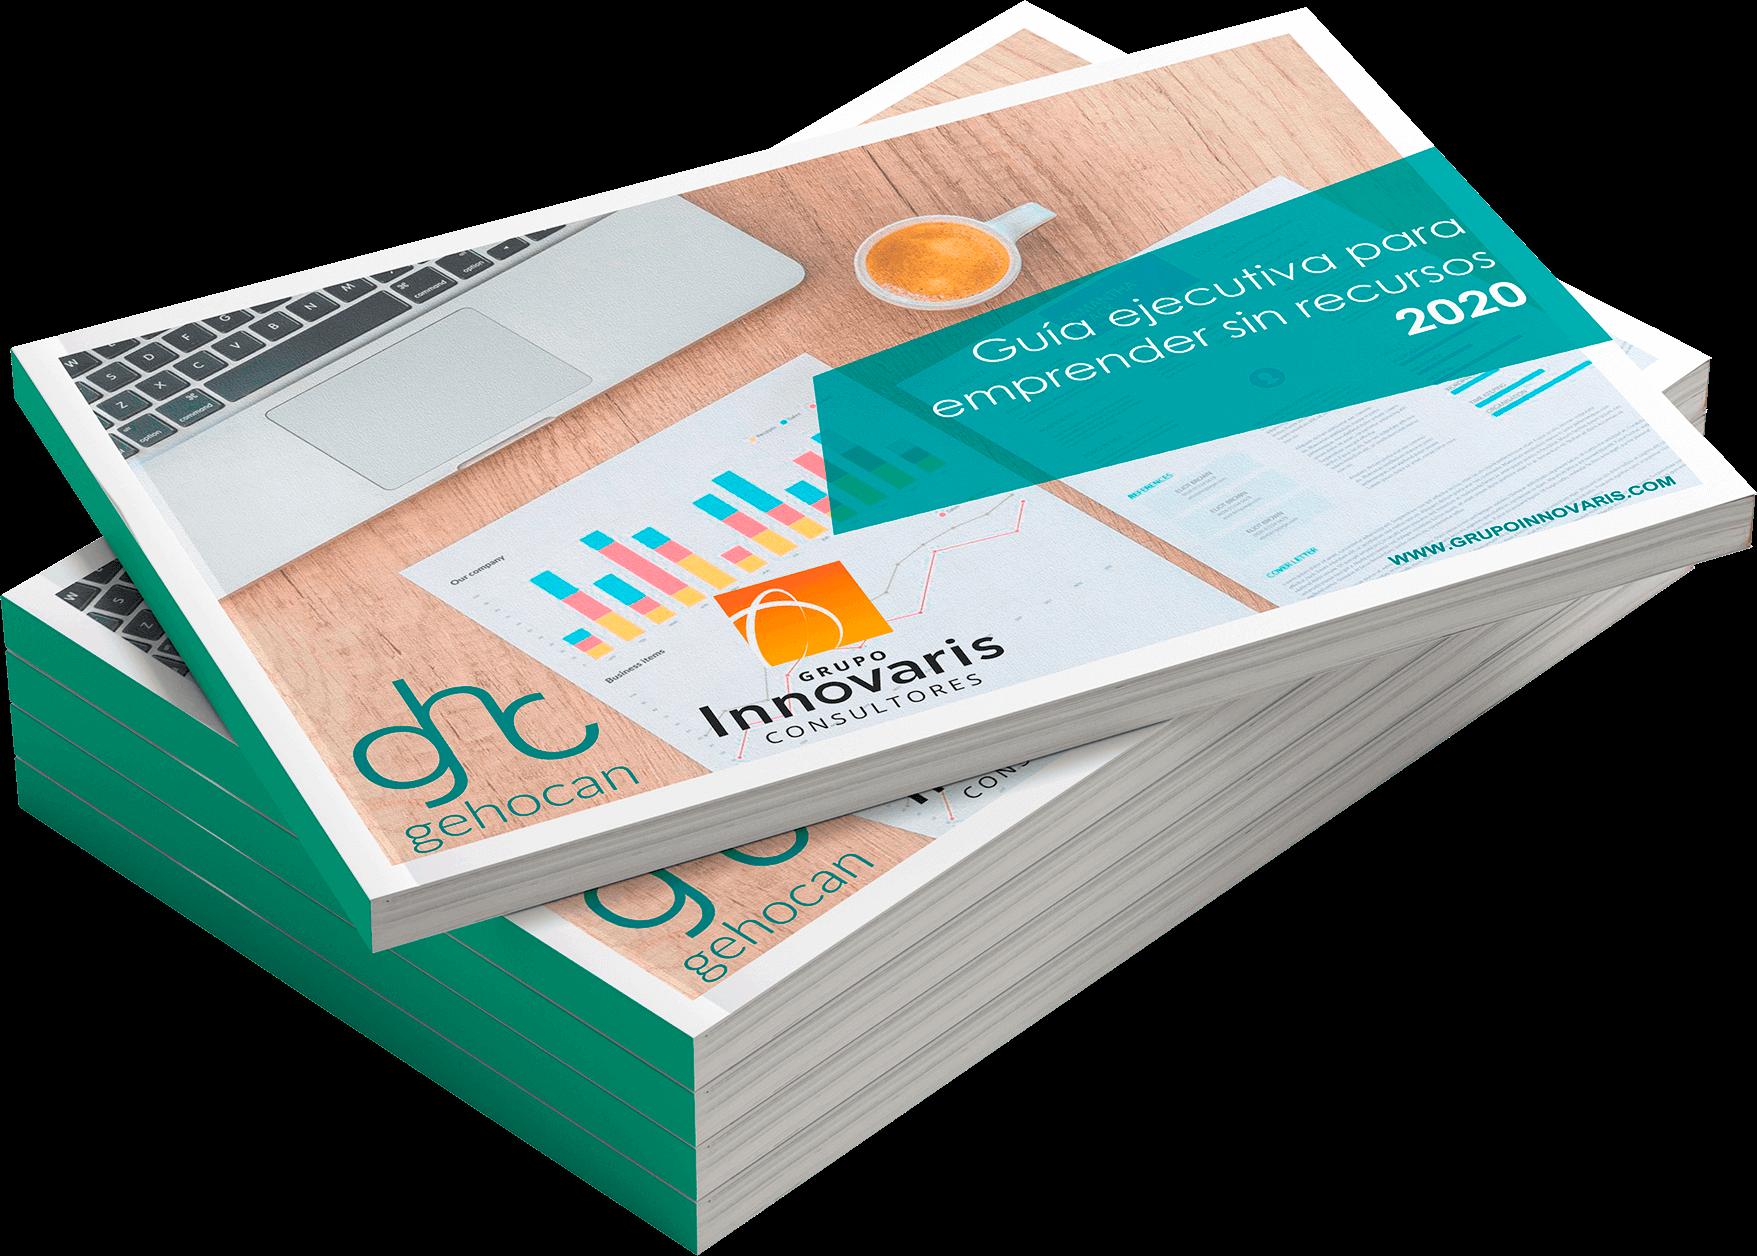 Guía para emprender sin recursos Innovaris Gehocan cover nomargin